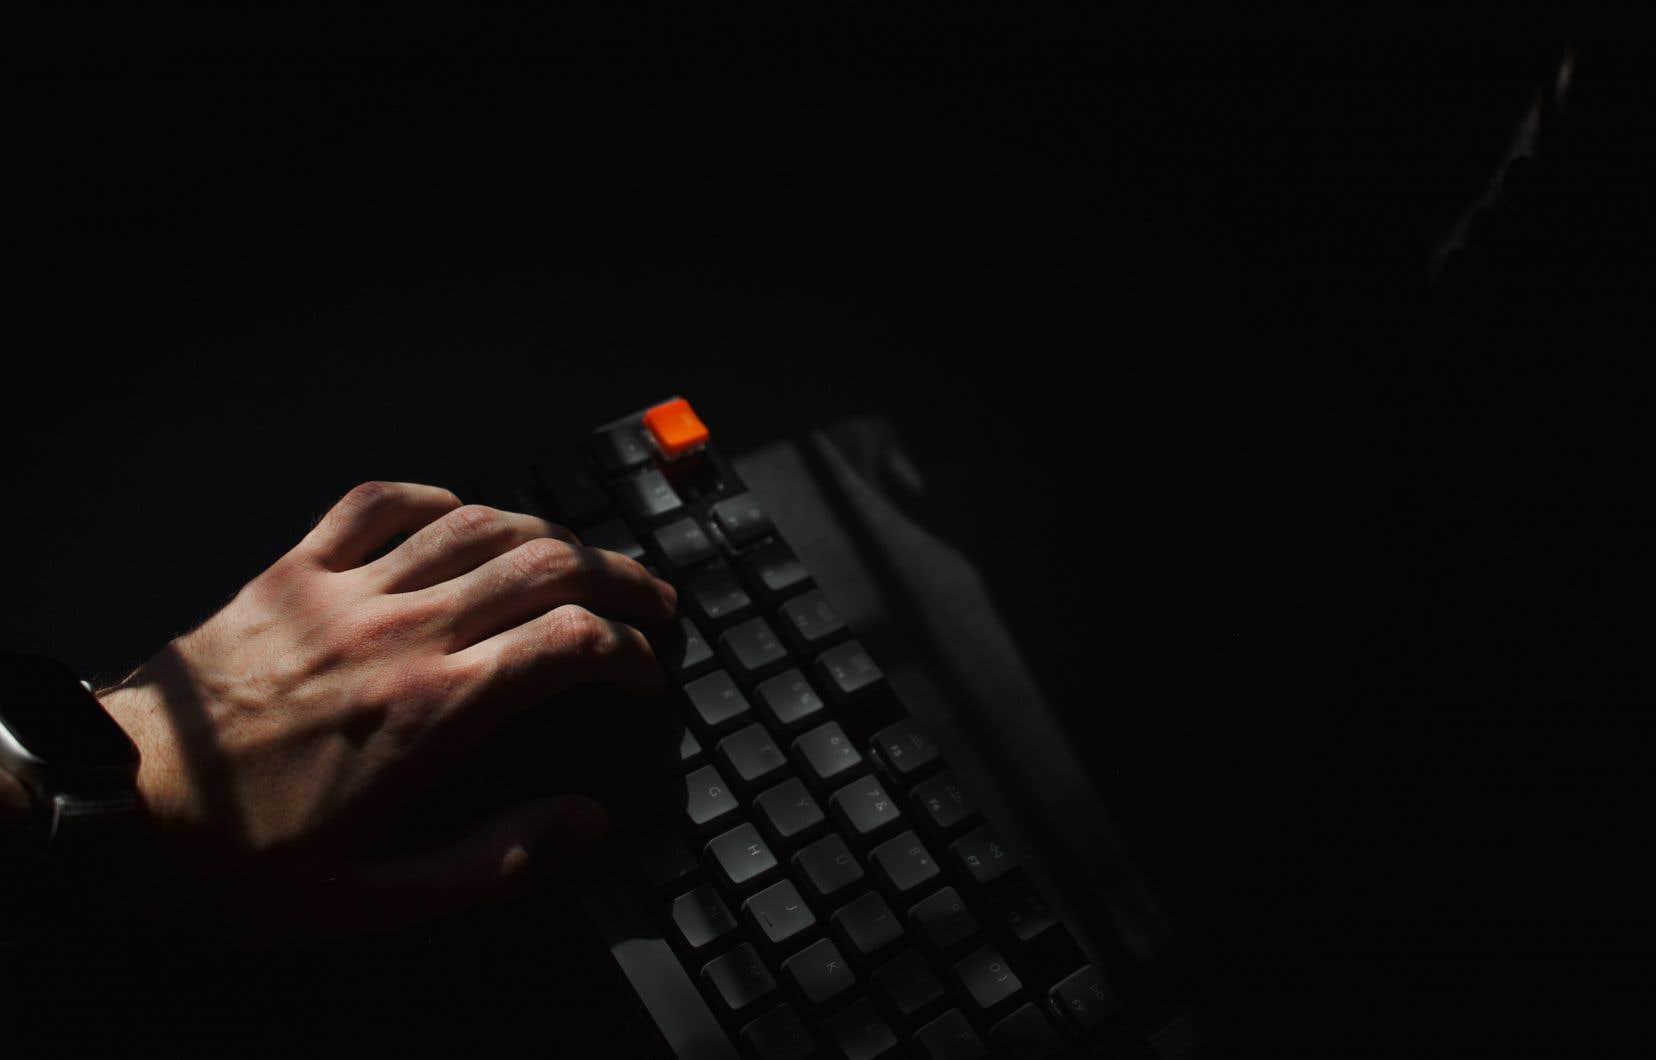 À l'instar de nombreuses figures publiques, les élus municipaux sont régulièrement la cible d'attaques virulentes sur les réseaux sociaux.